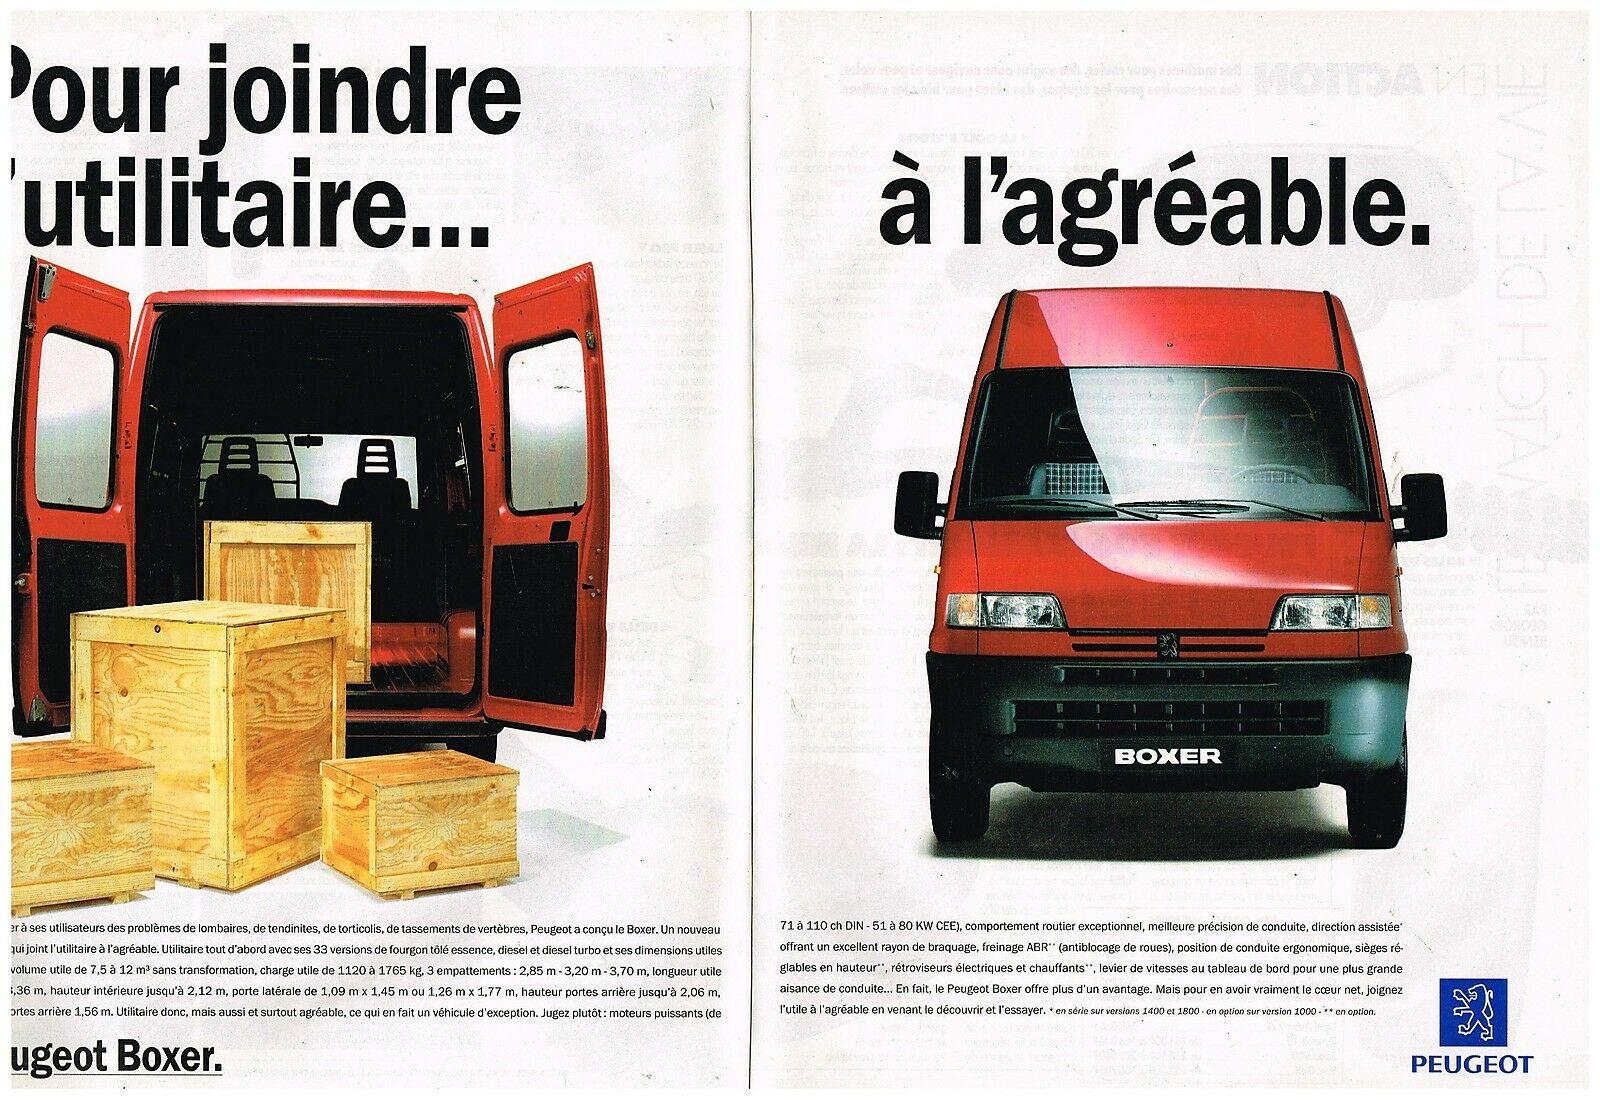 1994 Peugeot Utilitaire Boxer